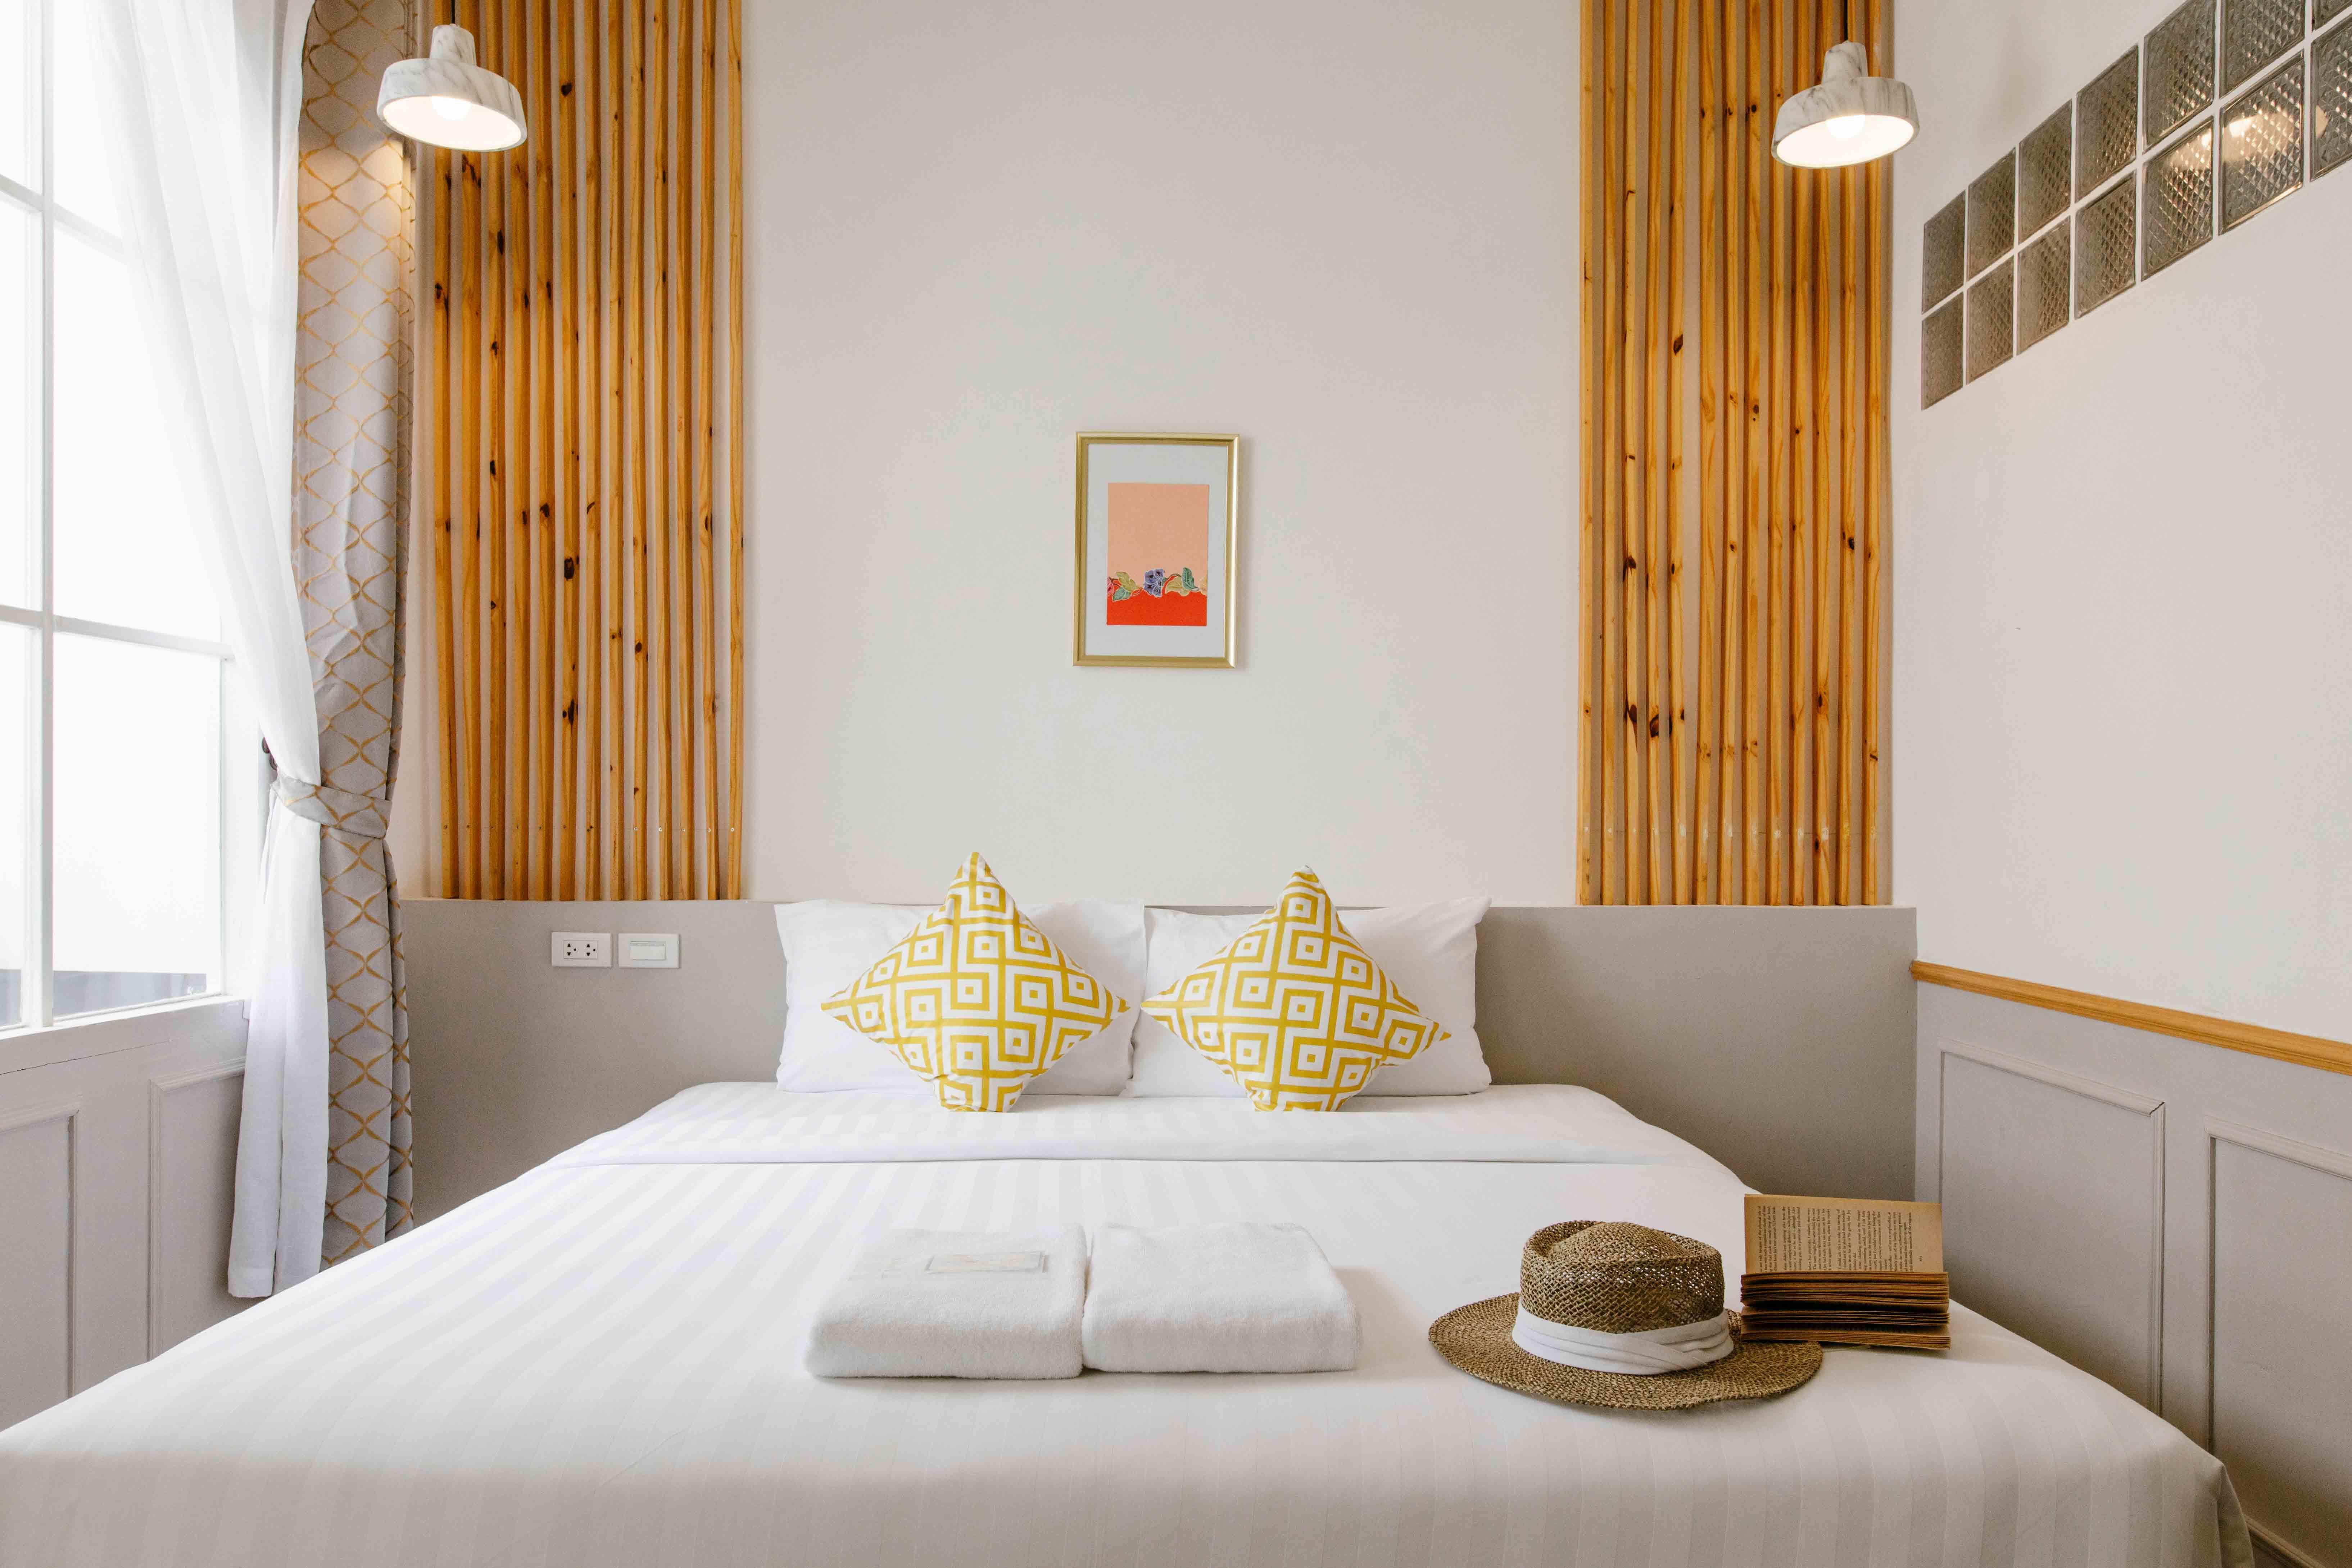 ที่พักเมืองเก่า-ออกแบบหรู-ดูแพง-ราคาไม่แรง ที่พักสุดสวยโทนสีขาวสไตล์มินิมอล-ออกแบบสวยได้อย่างลงตัว-ภายในห้องมีโทนสีน้ำตาลอ่อนๆมาปนกับสีไม้-บอกเลยว่าสวยไม่เหมือนที่ไหนแน่นอนครับบ ที่พักภูเก็ตเมืองเก่า,ชิโนโปรตุกีส,ที่พักเมืองเก่า